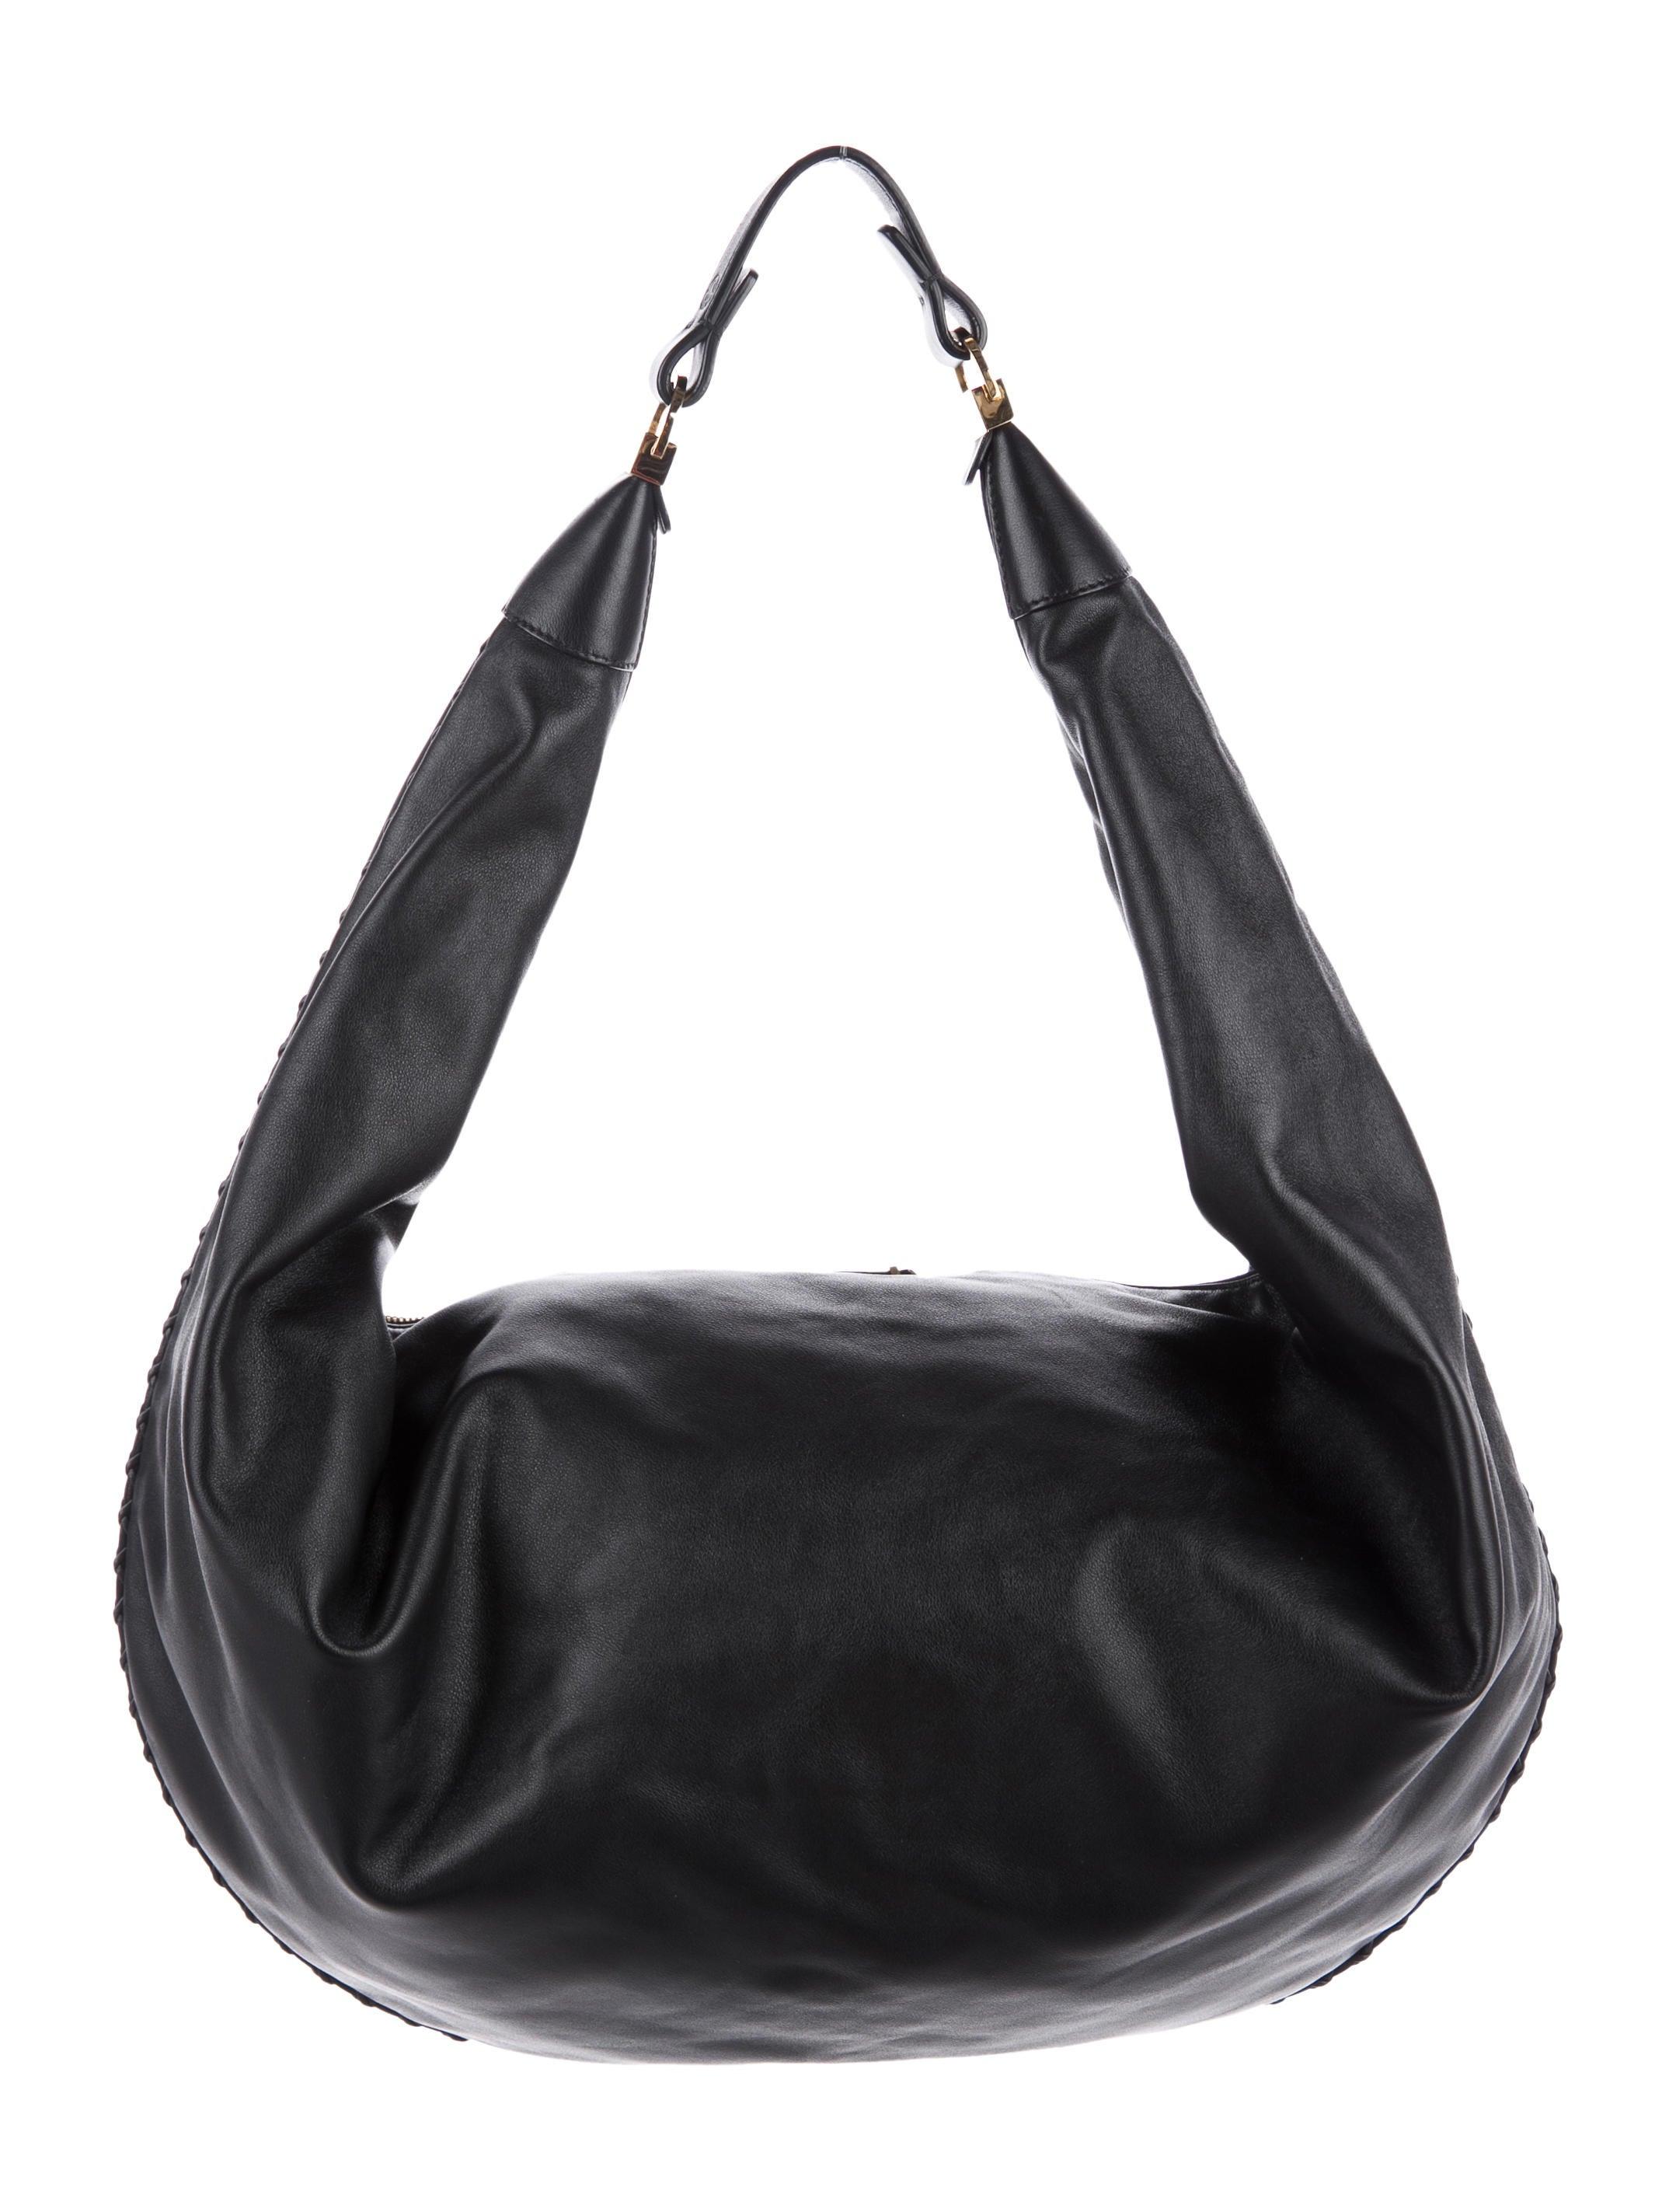 767df7e5a115 The Row Sling 15 Bag - Handbags - THR35989